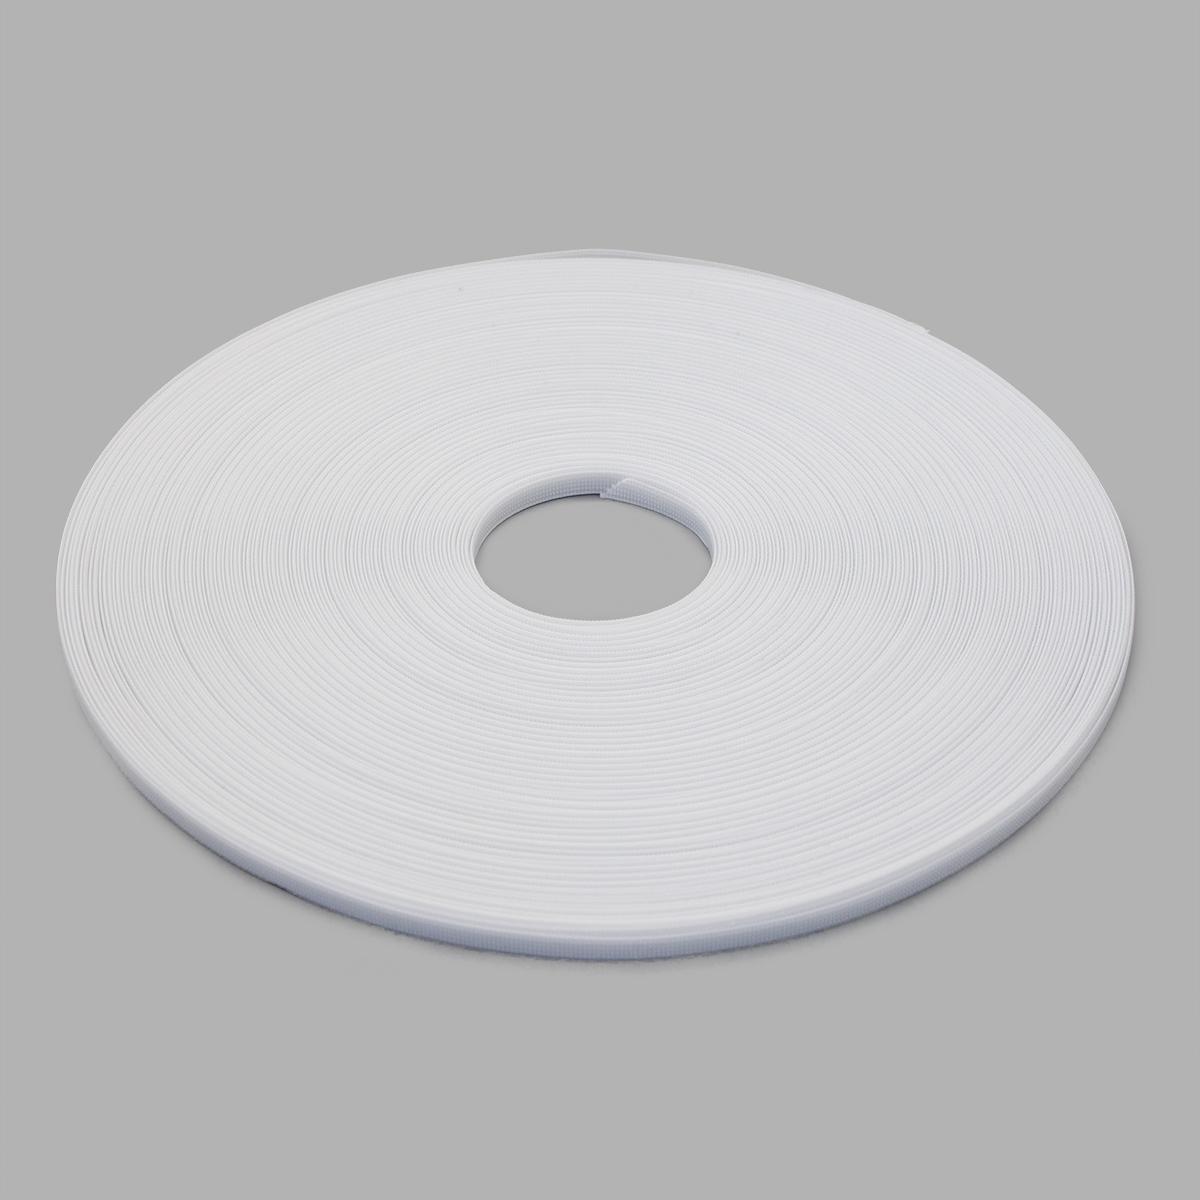 Ригелин 6мм*50м 0423-0026